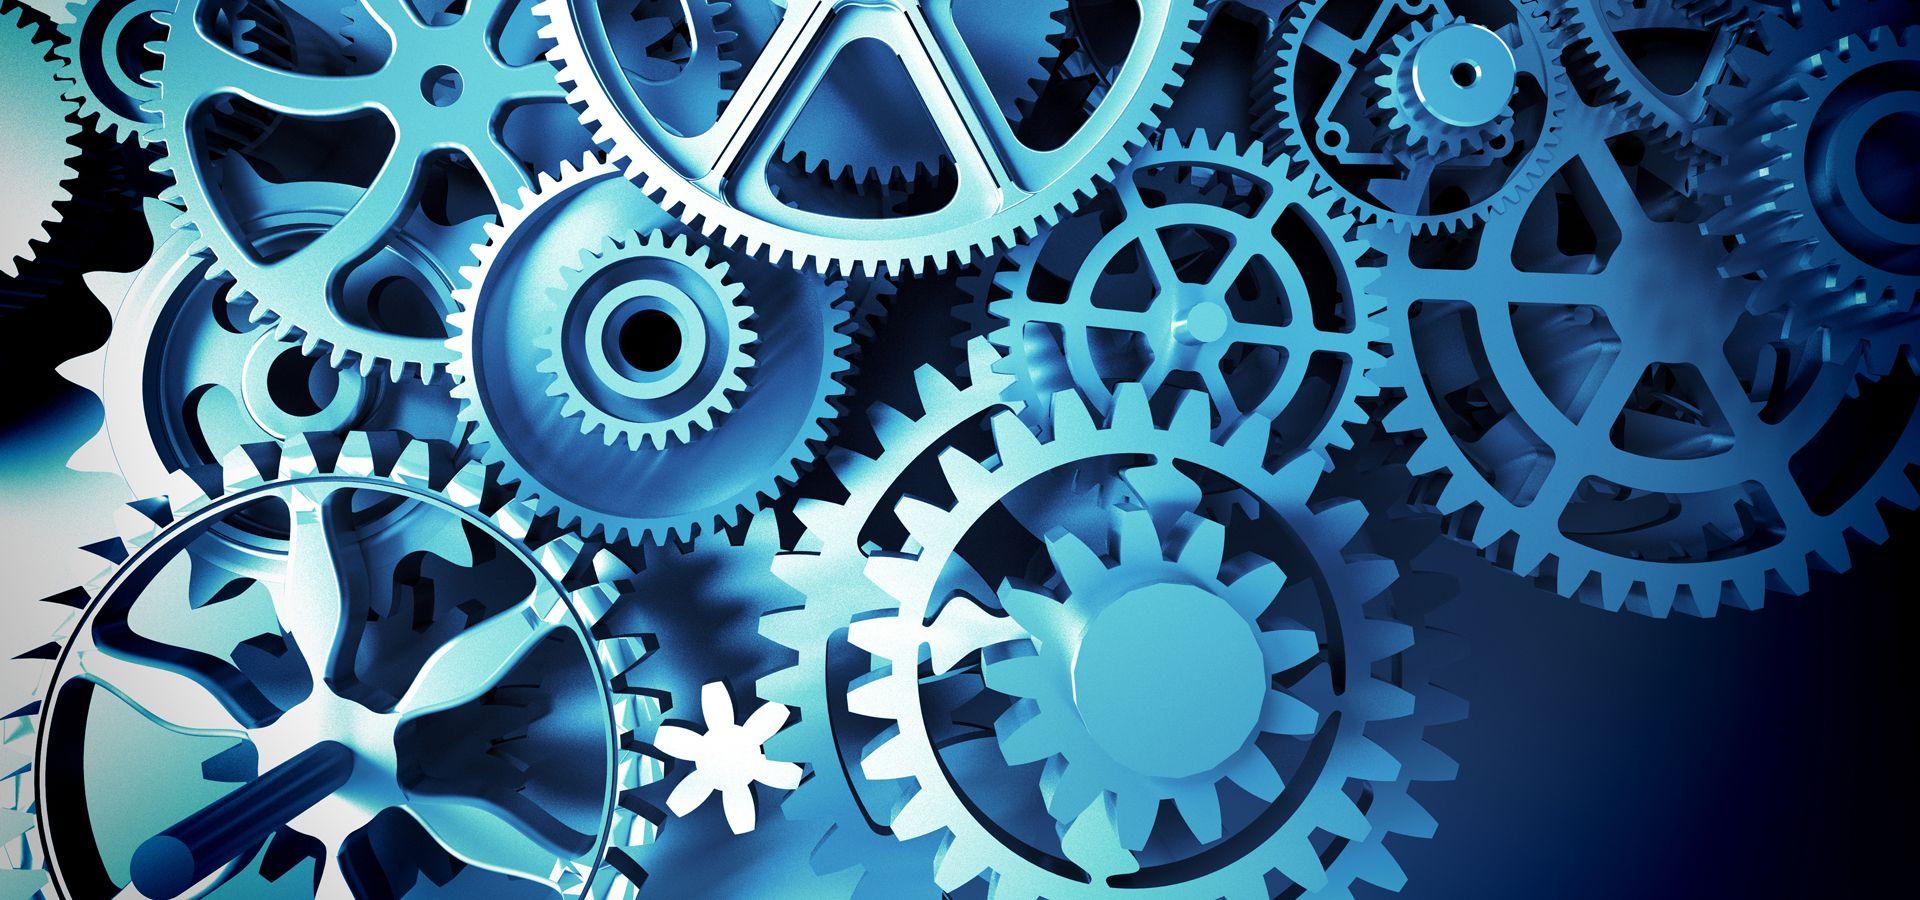 Mechanical Gear Technology Background Mechanical gears 1920x900